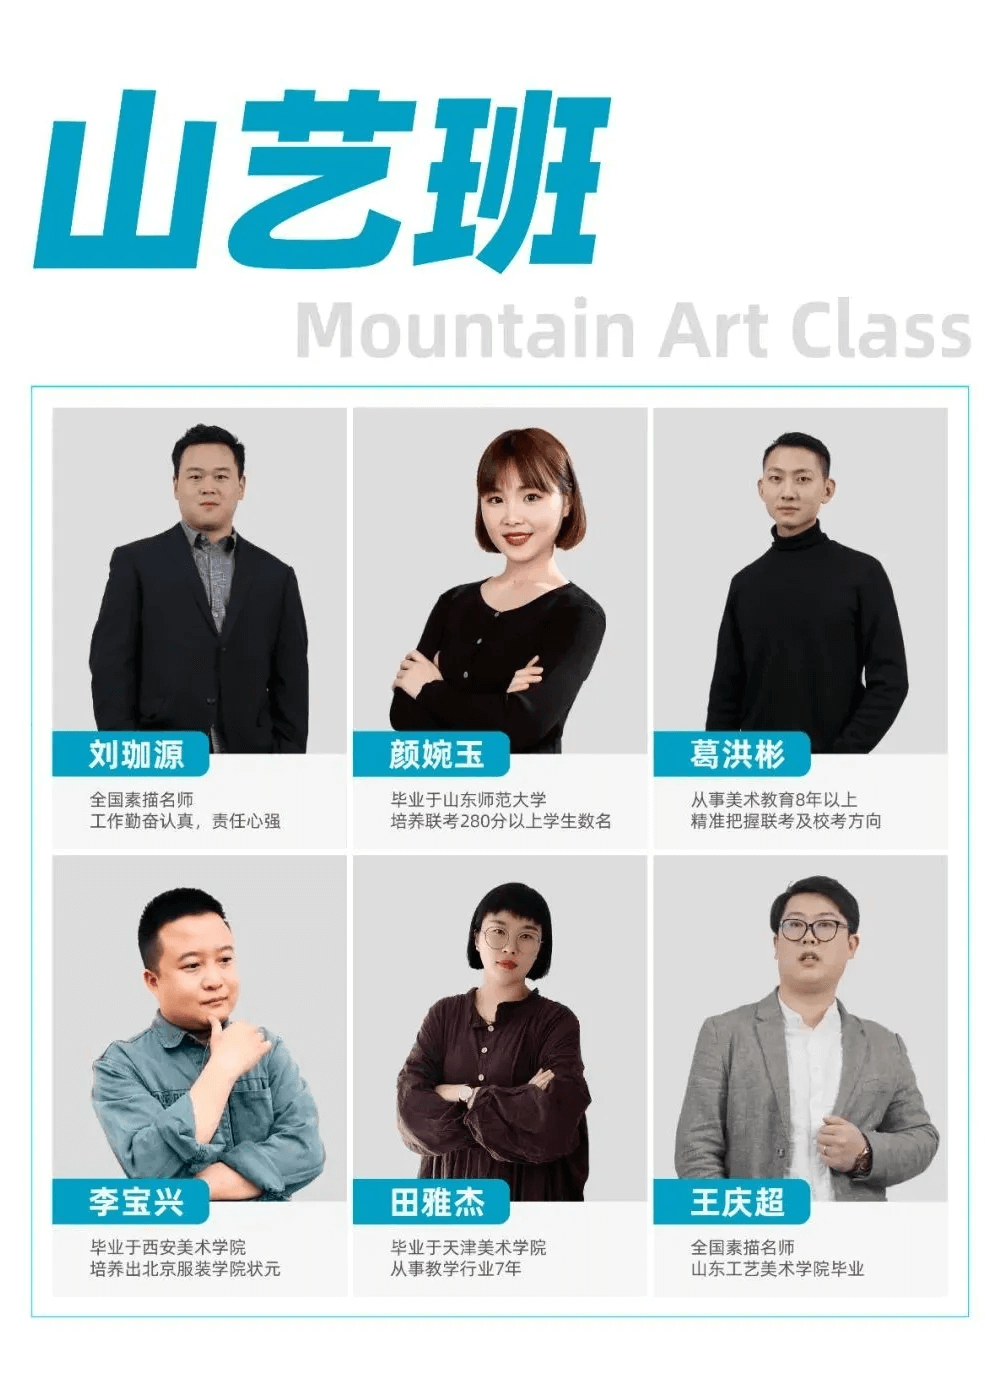 济南小泽画室,美术校考,美术高考培训